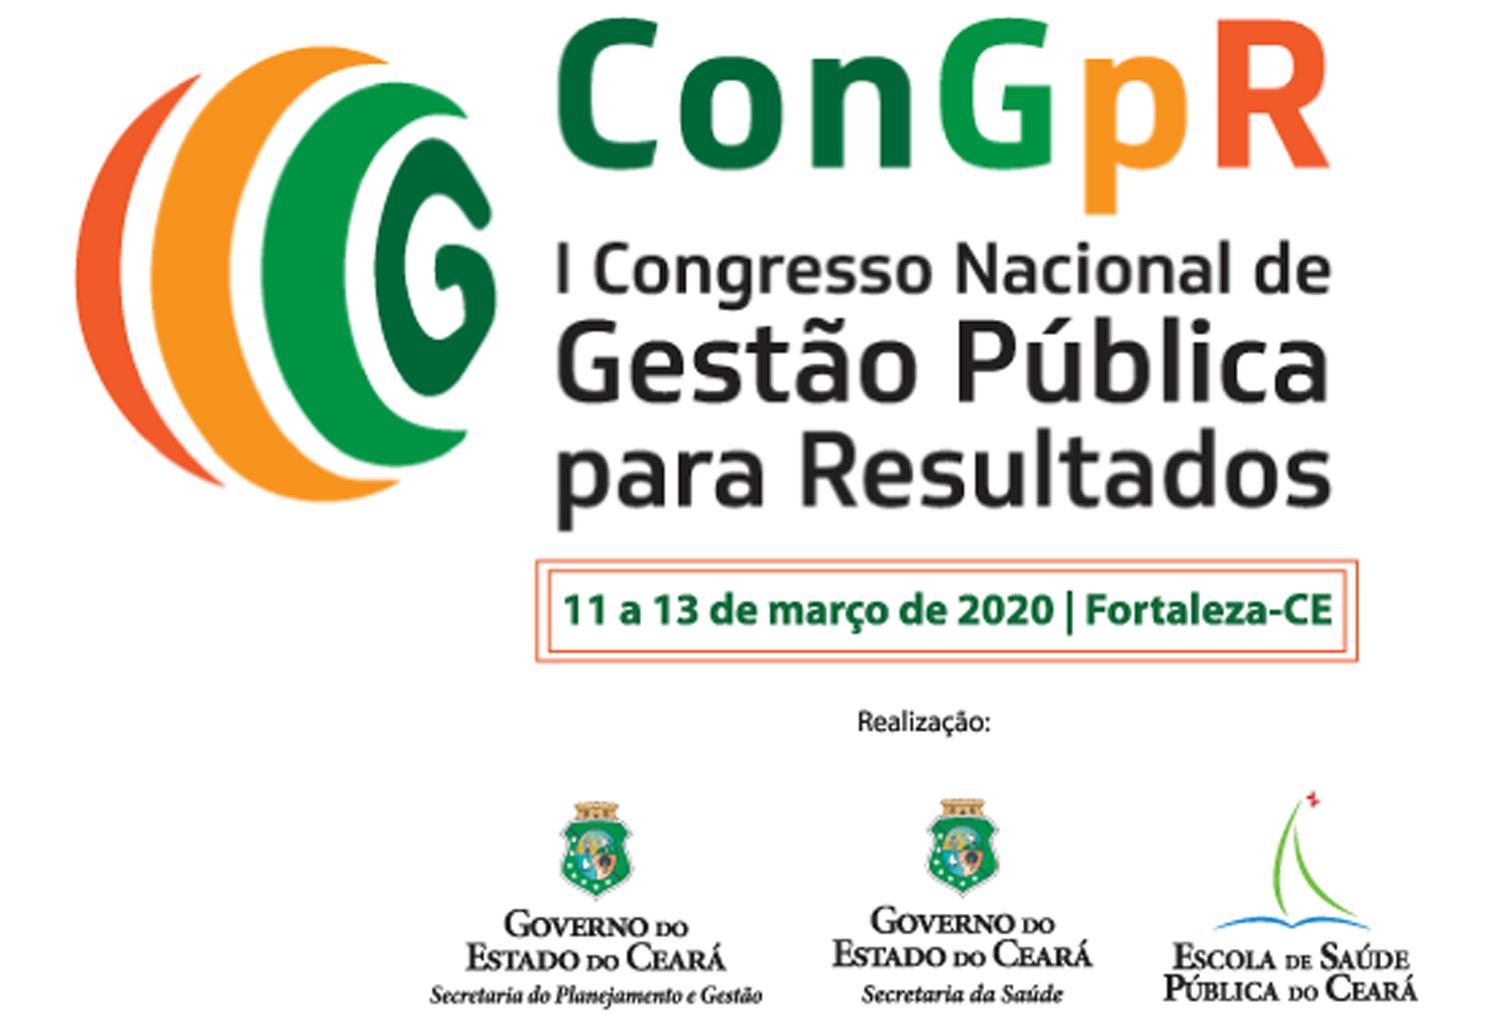 I Congresso Nacional de Gestão Pública para Resultados abre inscrições